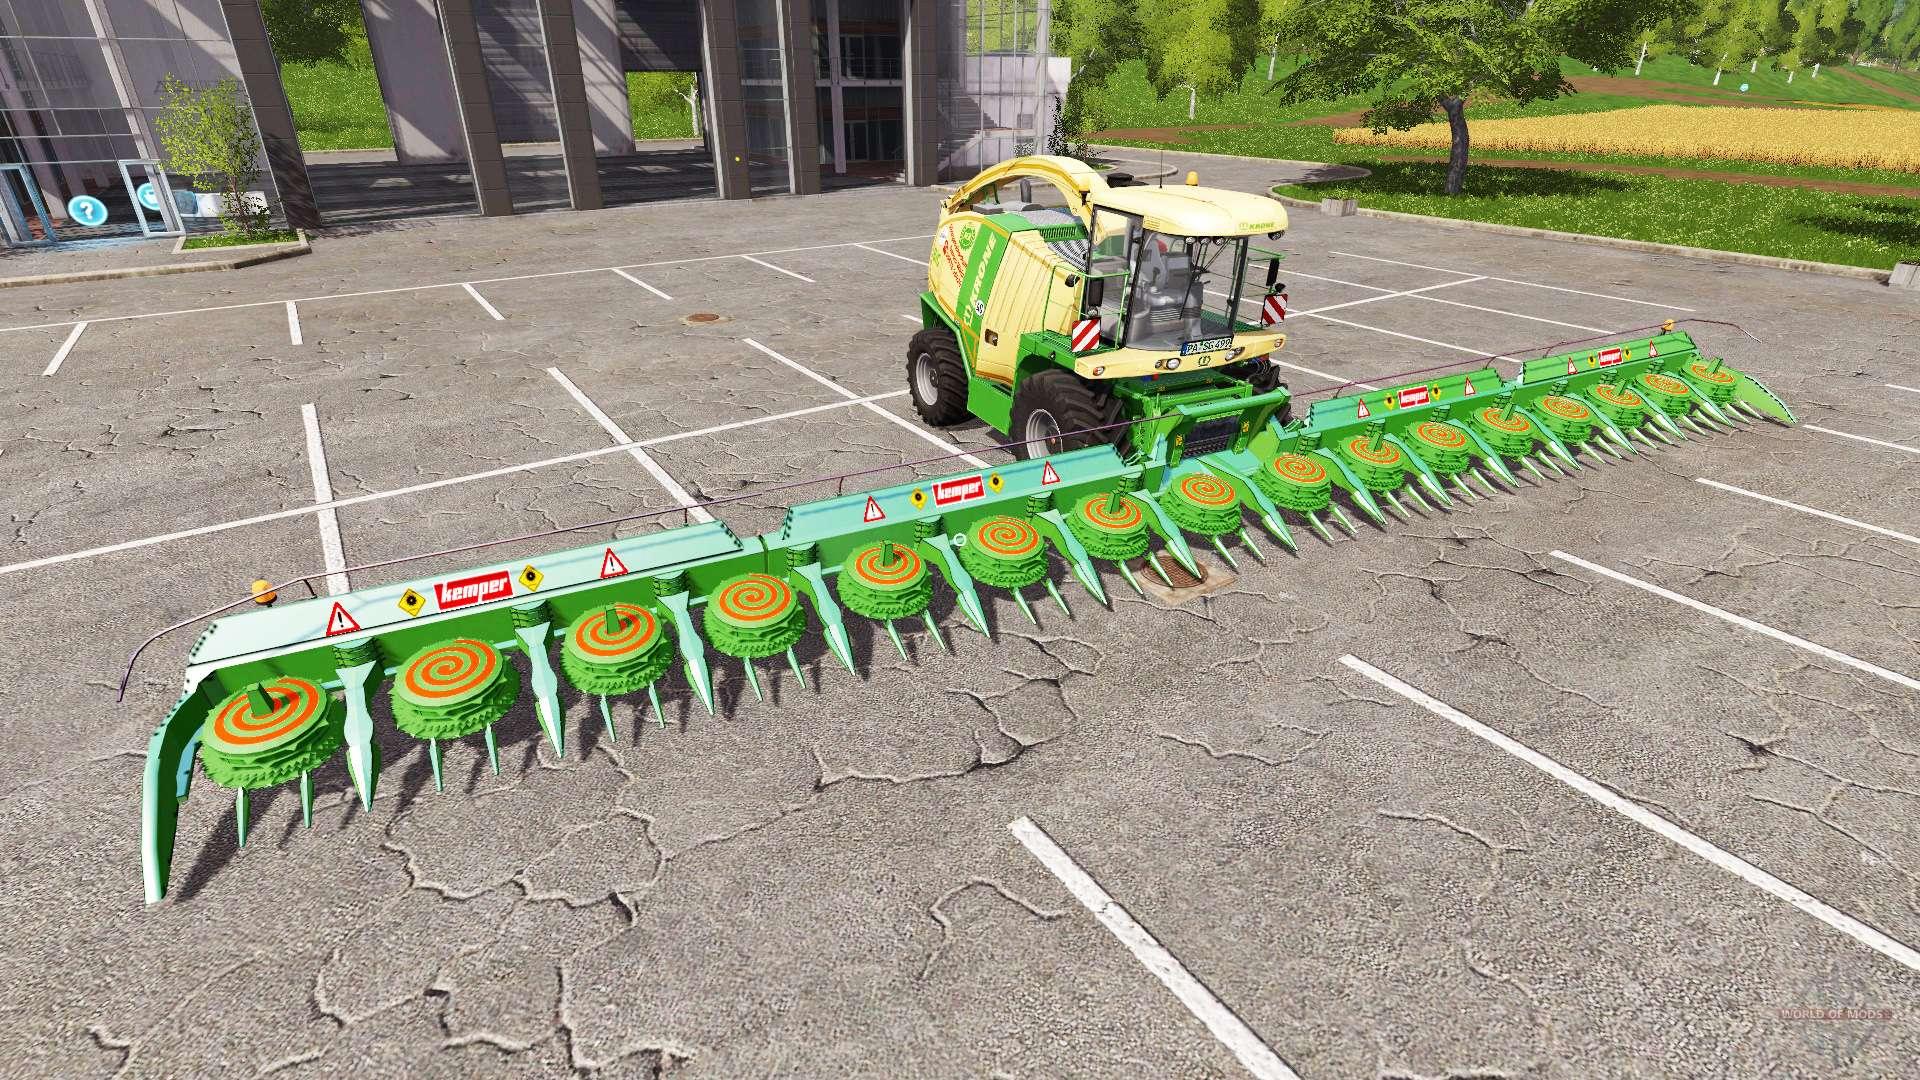 Harvester Kemper 2020 für Landwirtschafts-Simulator 17.